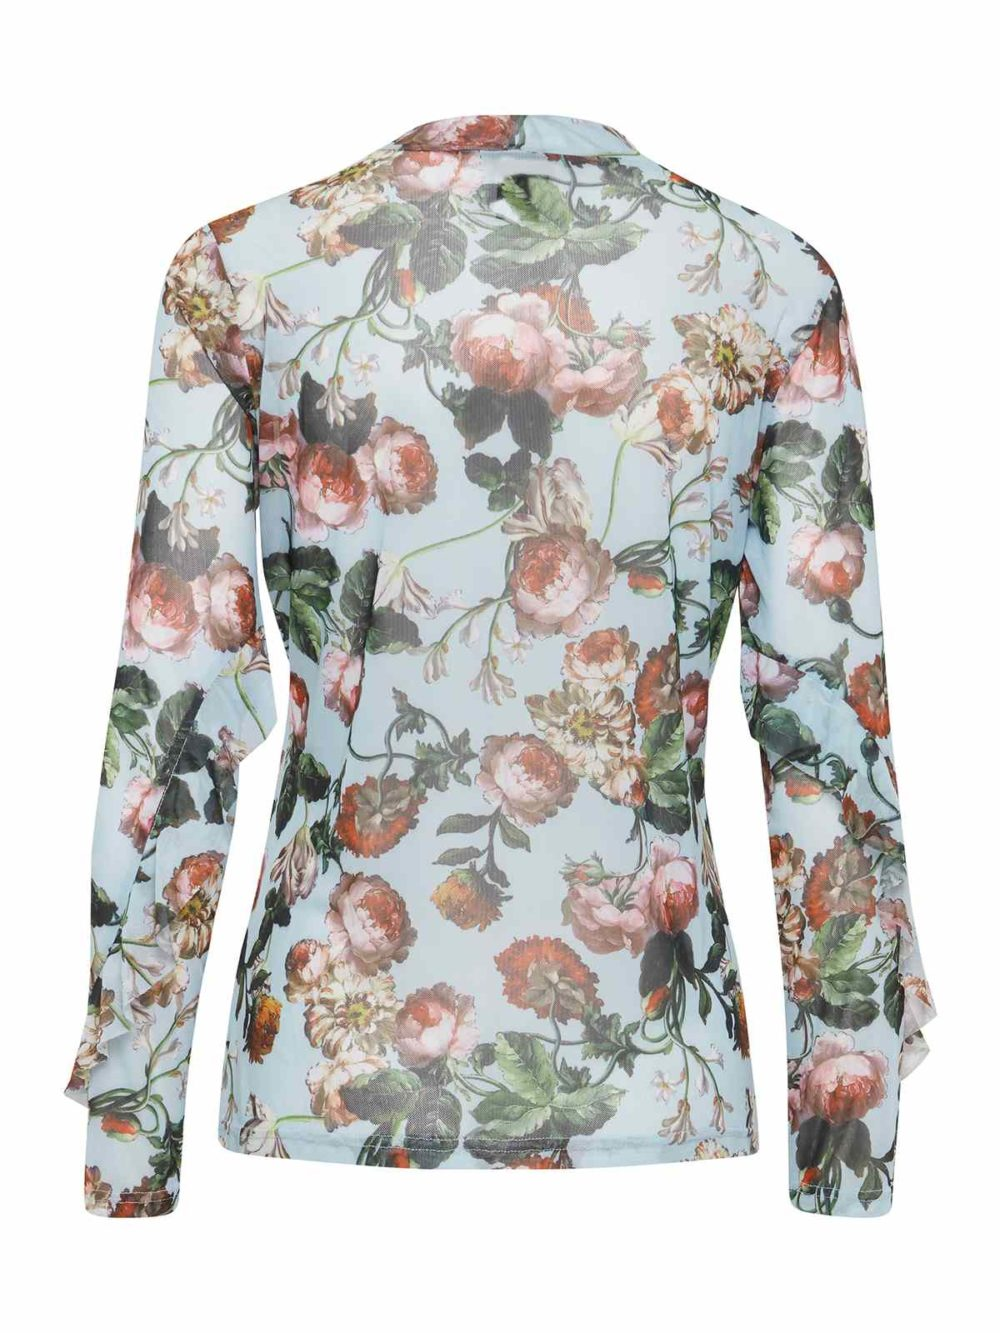 Garden Top ICHI Katie Kerr Women's Clothing